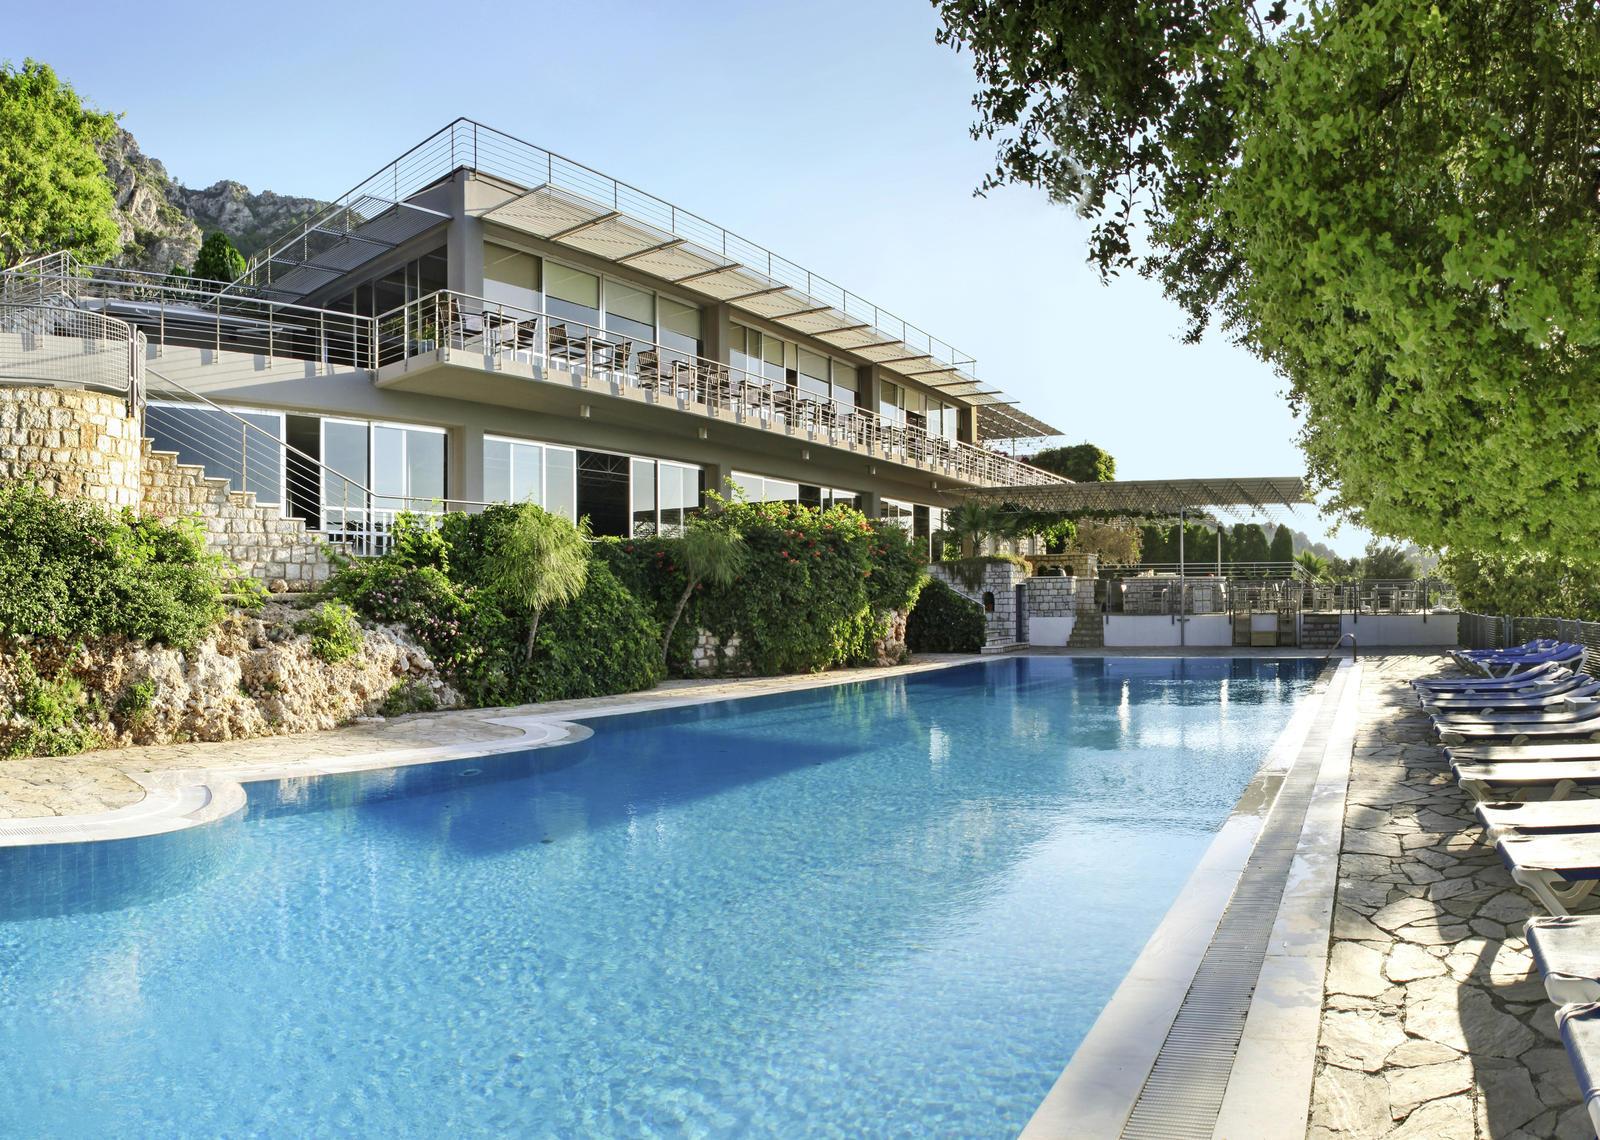 Meine Top 3 Hotelempfehlungen für die Südtürkische Ägäis. tuerkei strand familie europa  Loryma